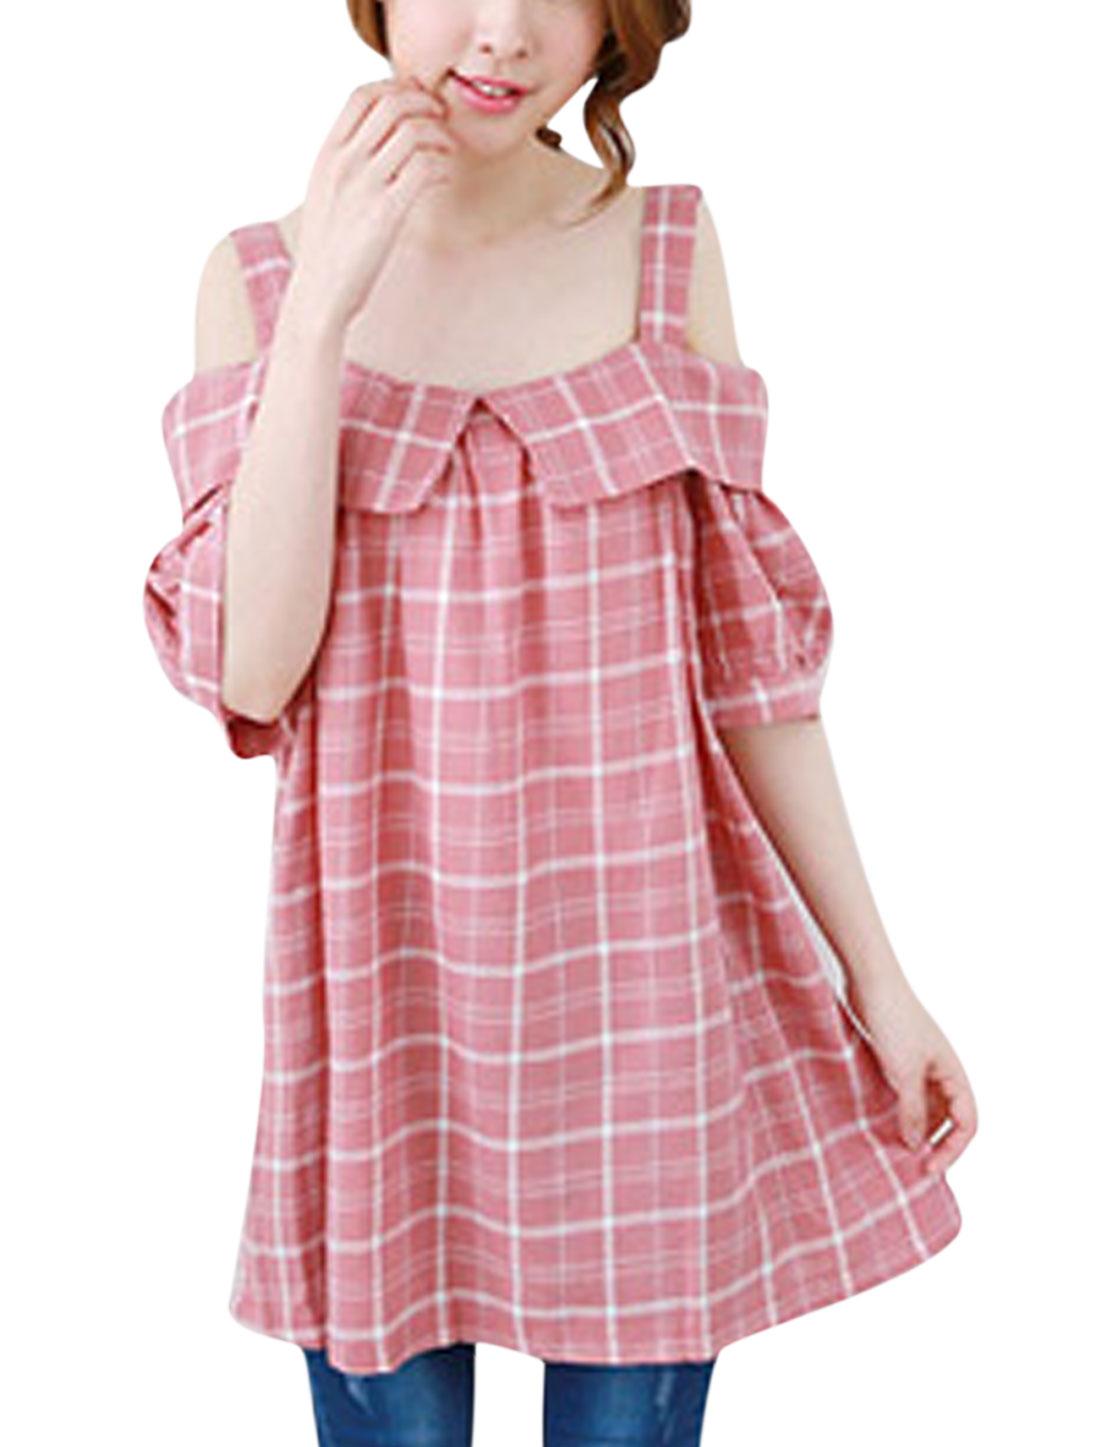 Women Cut Out Shoulder Check Print Square Neck Cape Decor Tunic Top Pink M